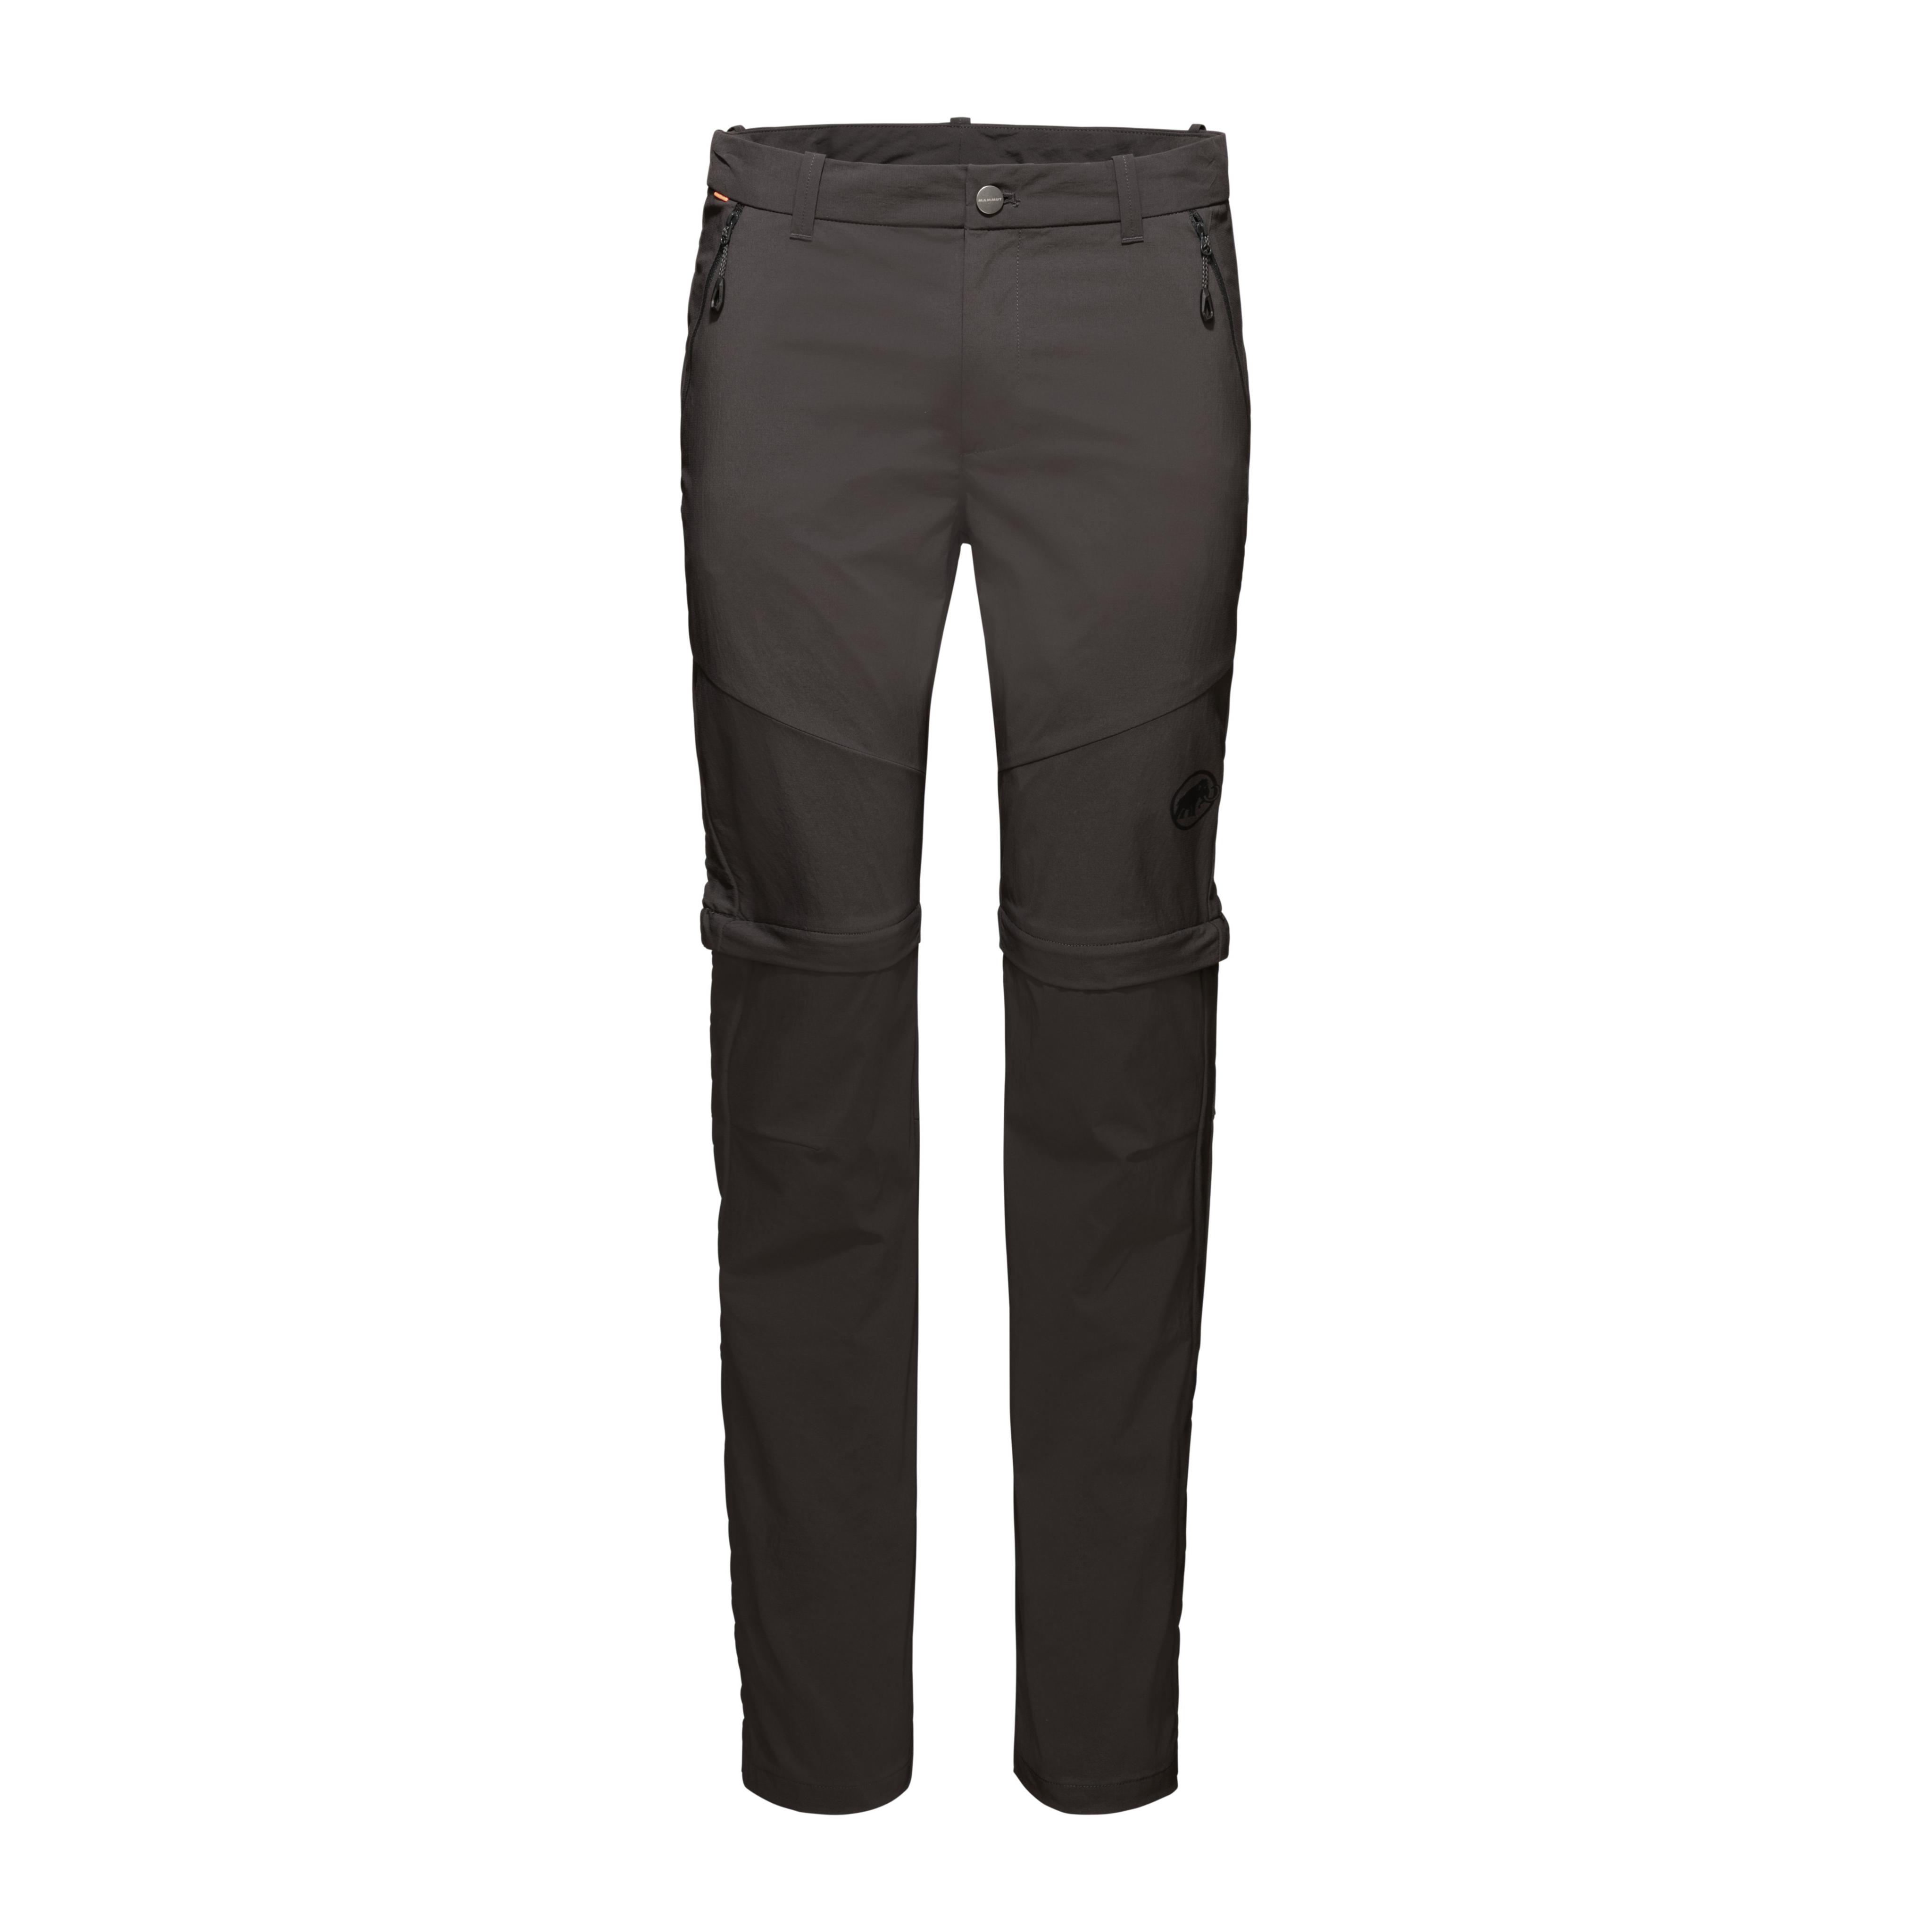 Hiking Zip Off Pants Men - normal, phantom, UK 30 thumbnail